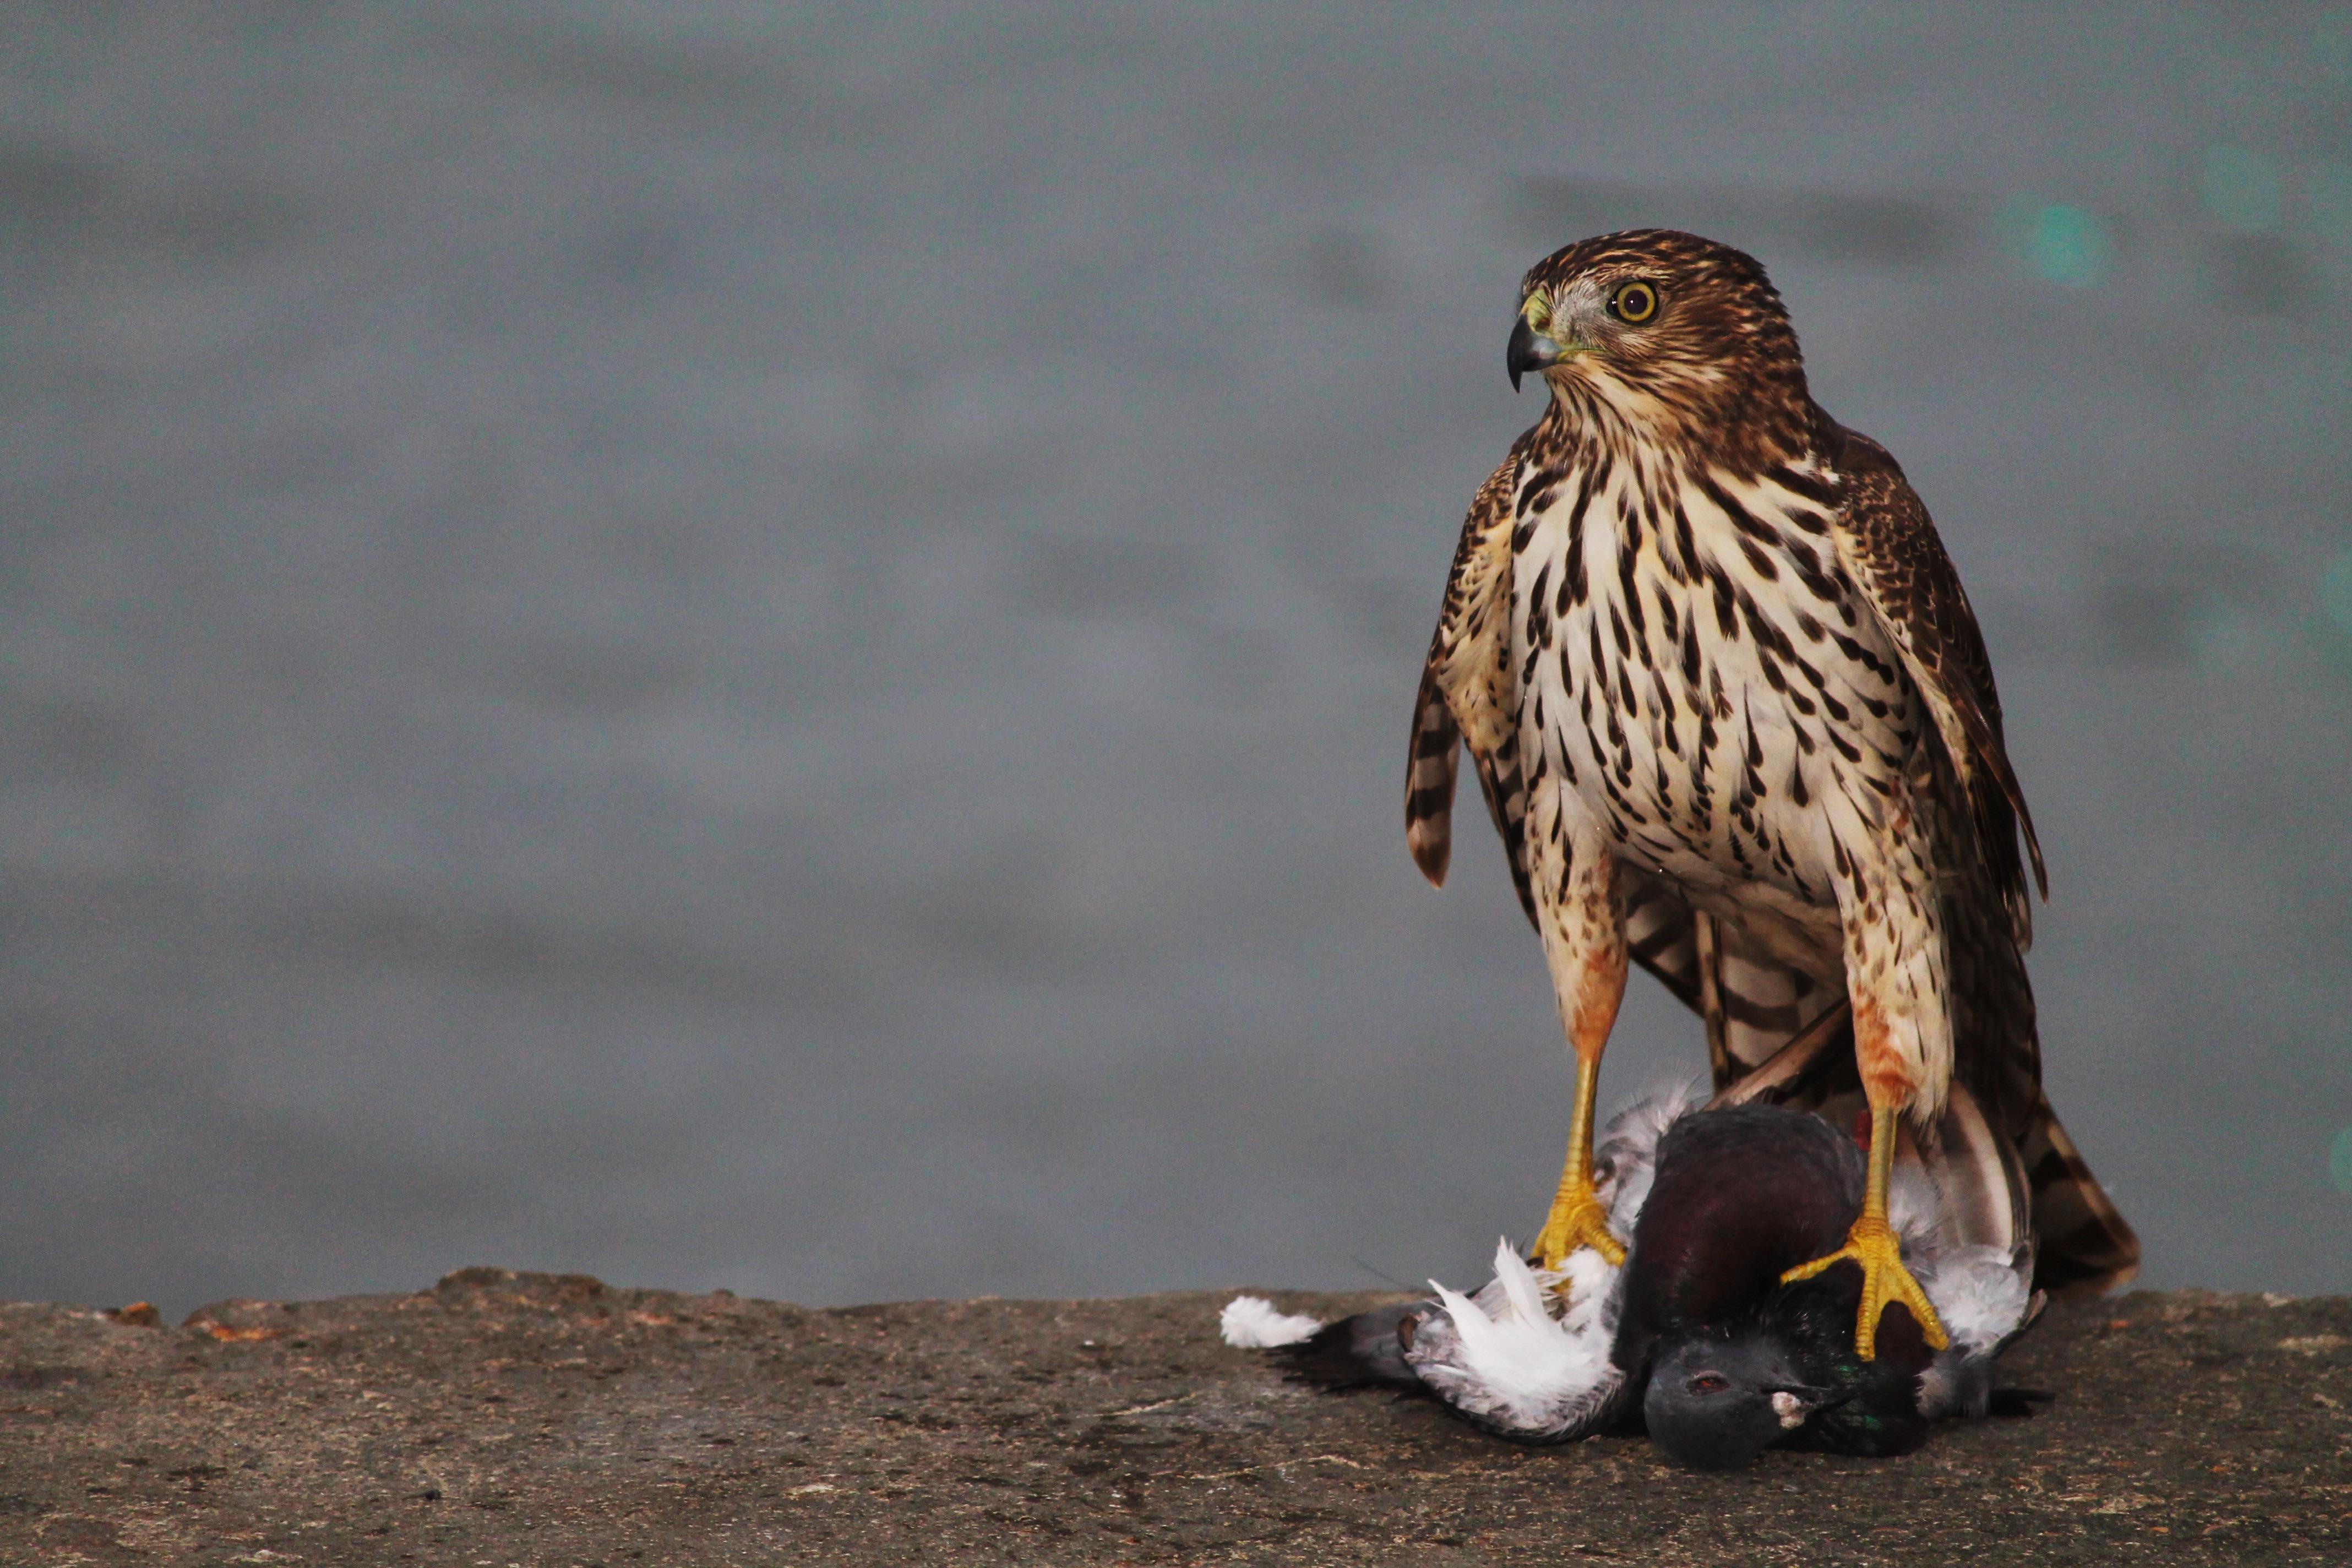 соколы ястребы и орлы хищные птицы фото чтобы была мультизагрузка